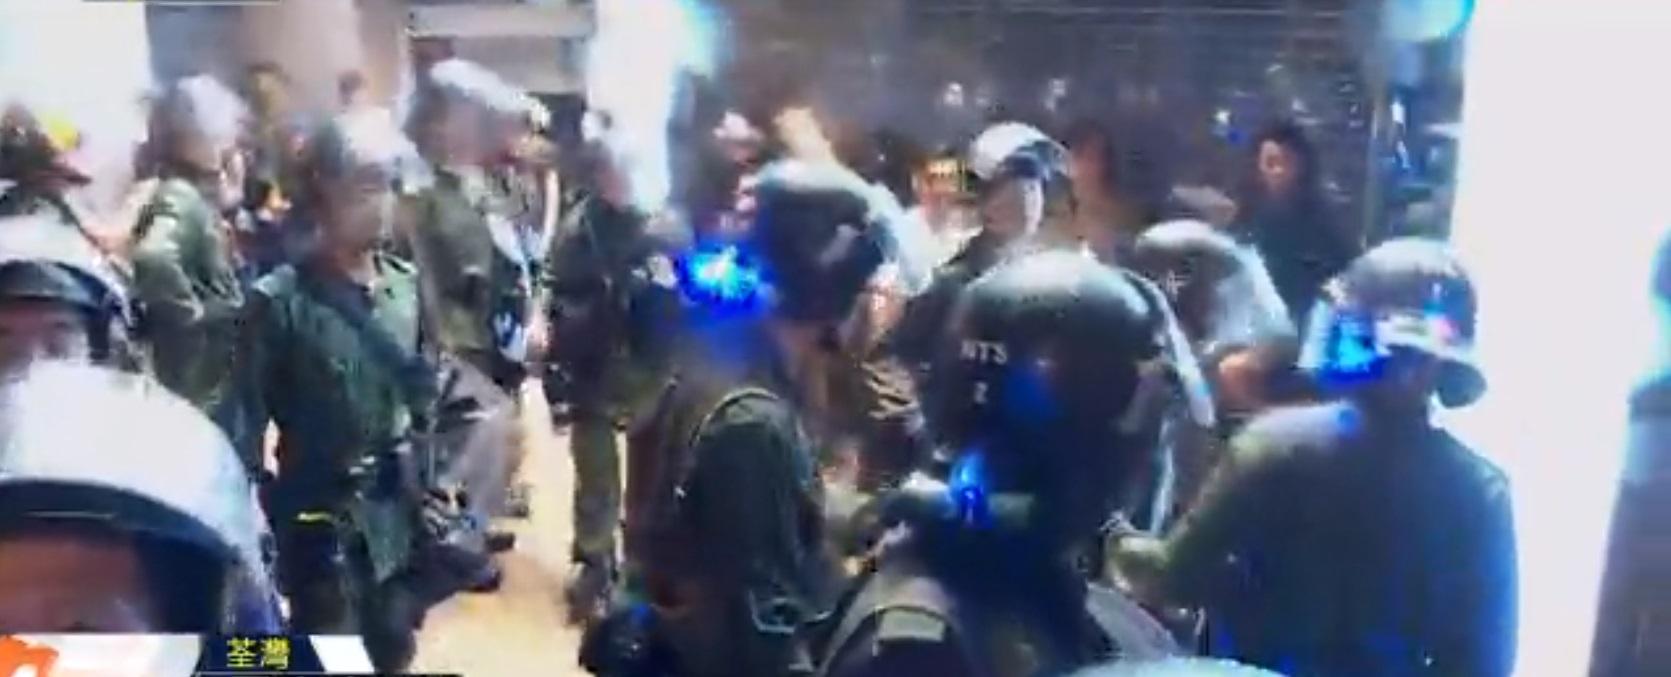 防暴警察將多人壓倒在地。NOW新聞截圖